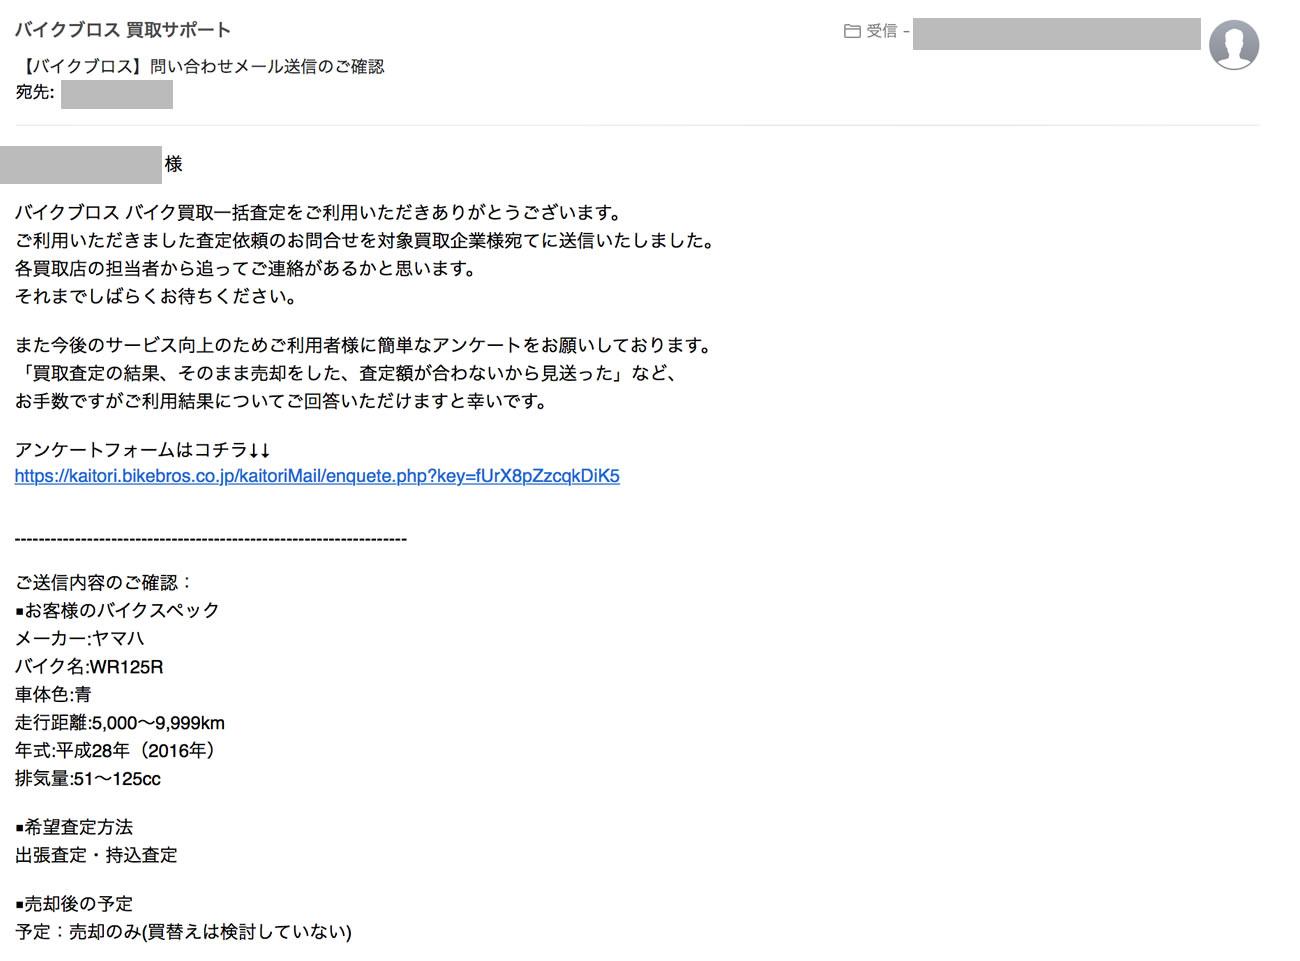 バイクブロスでバイクの買取査定をしたメール